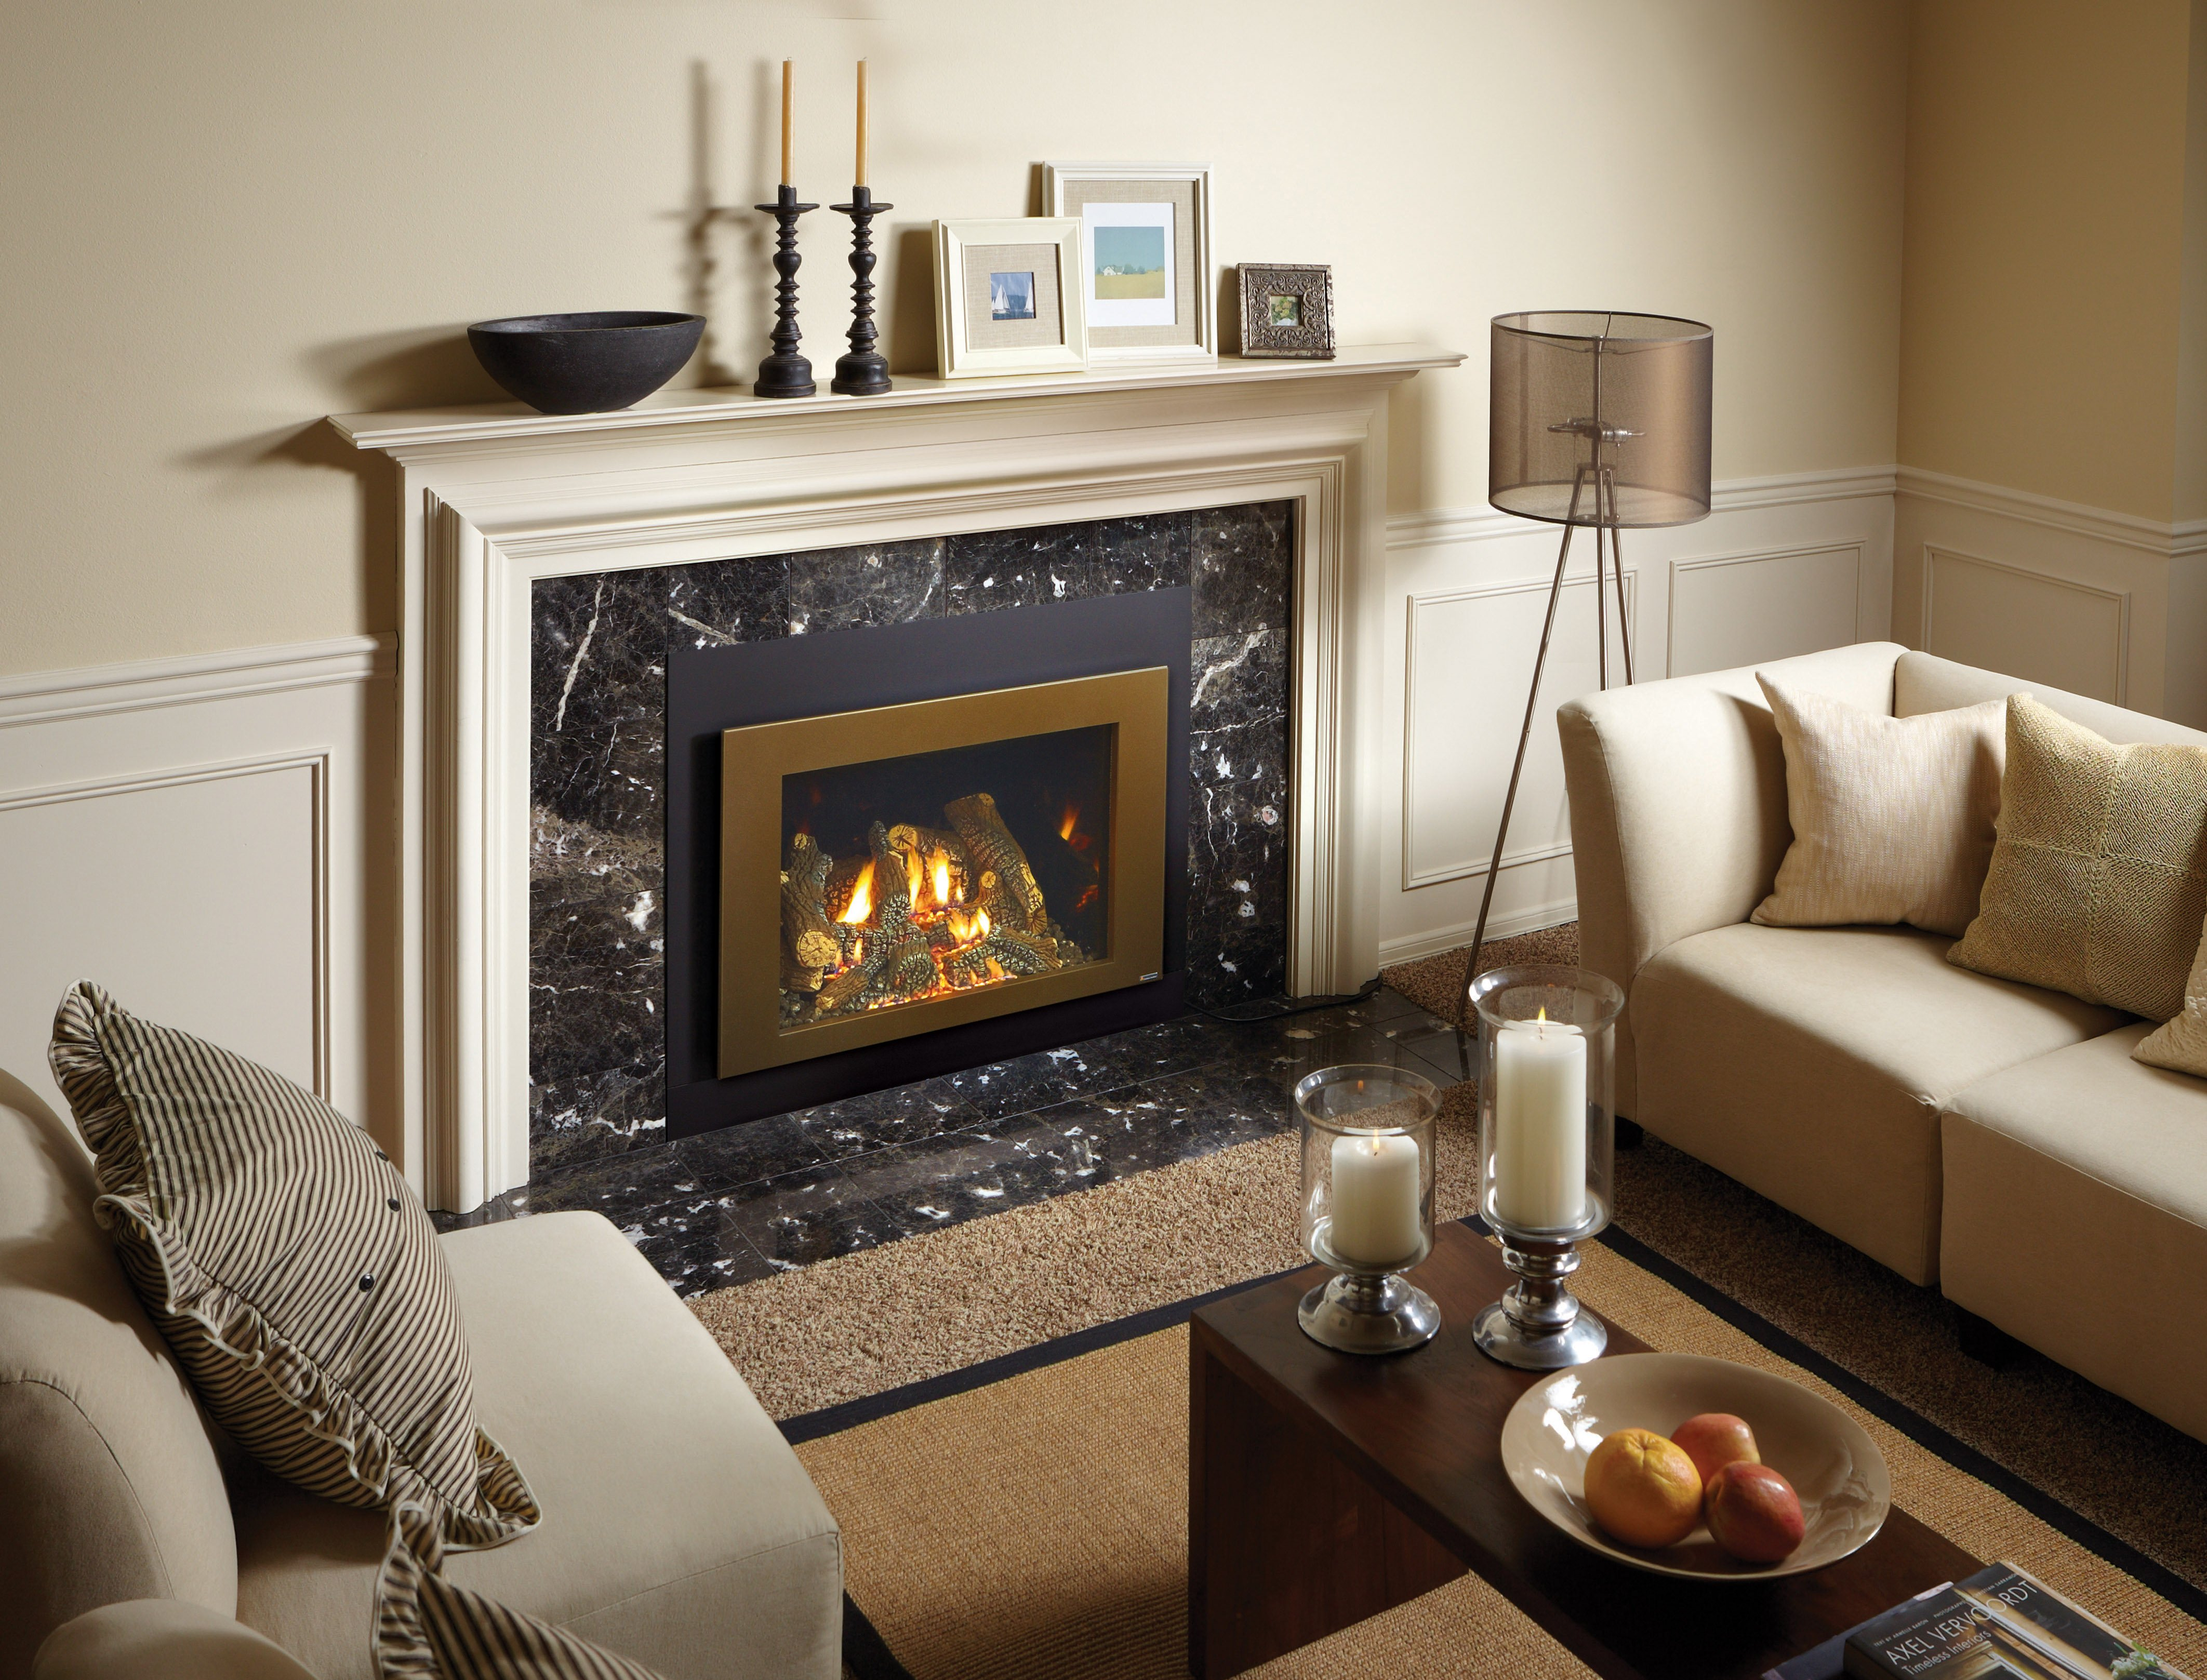 616 GSR Gas Fireplace Insert